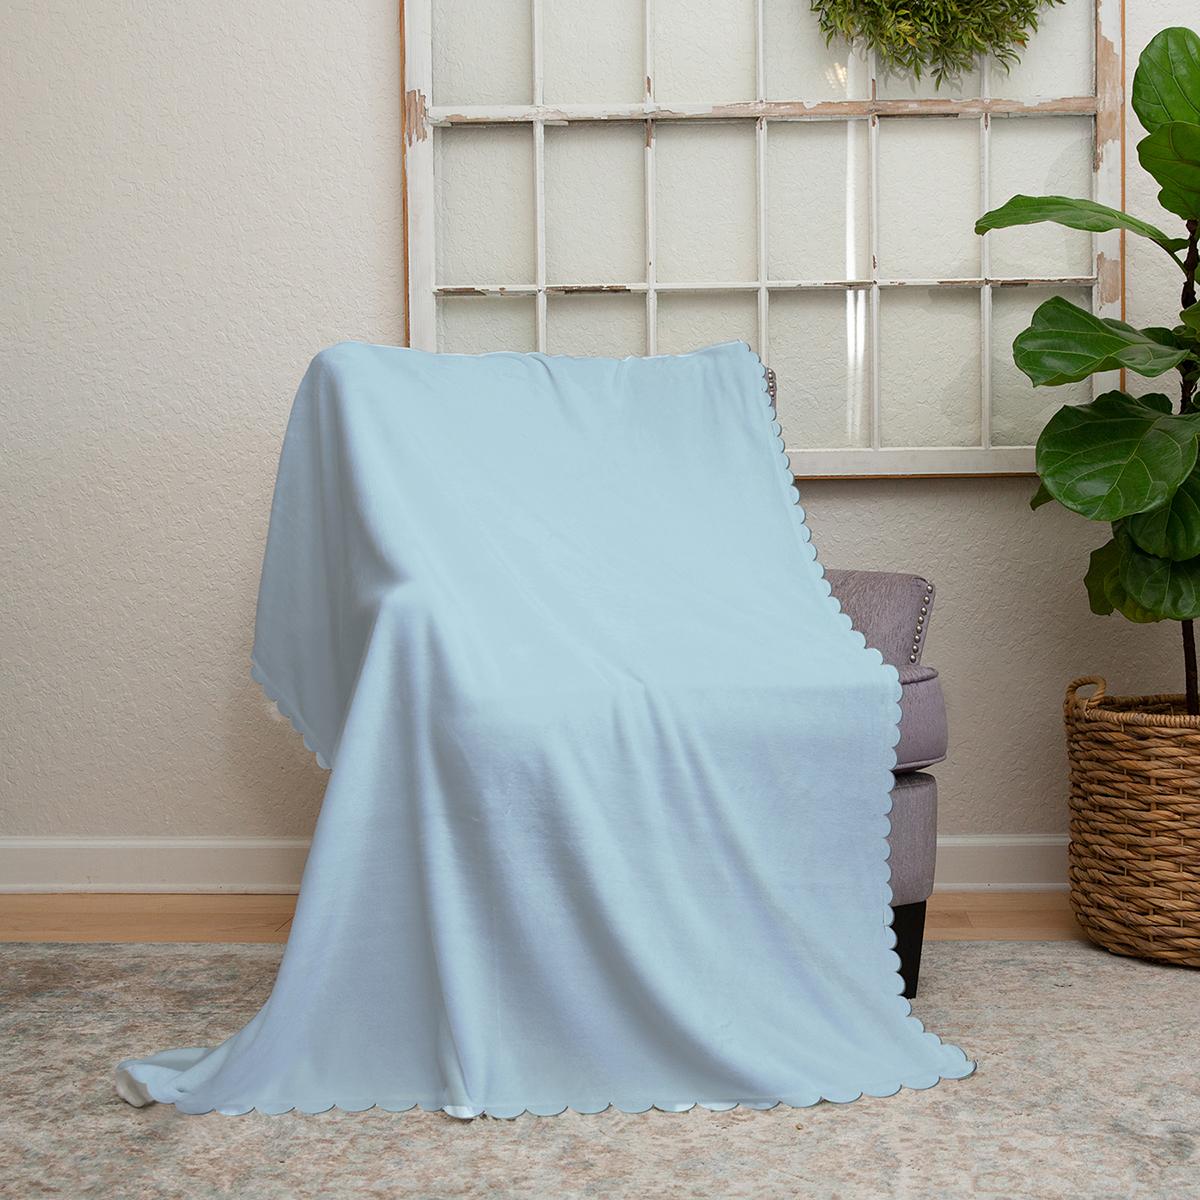 Realhomes Bebek Mavi Dijital Baskılı Modern Şönil Koltuk Örtüsü Realhomes